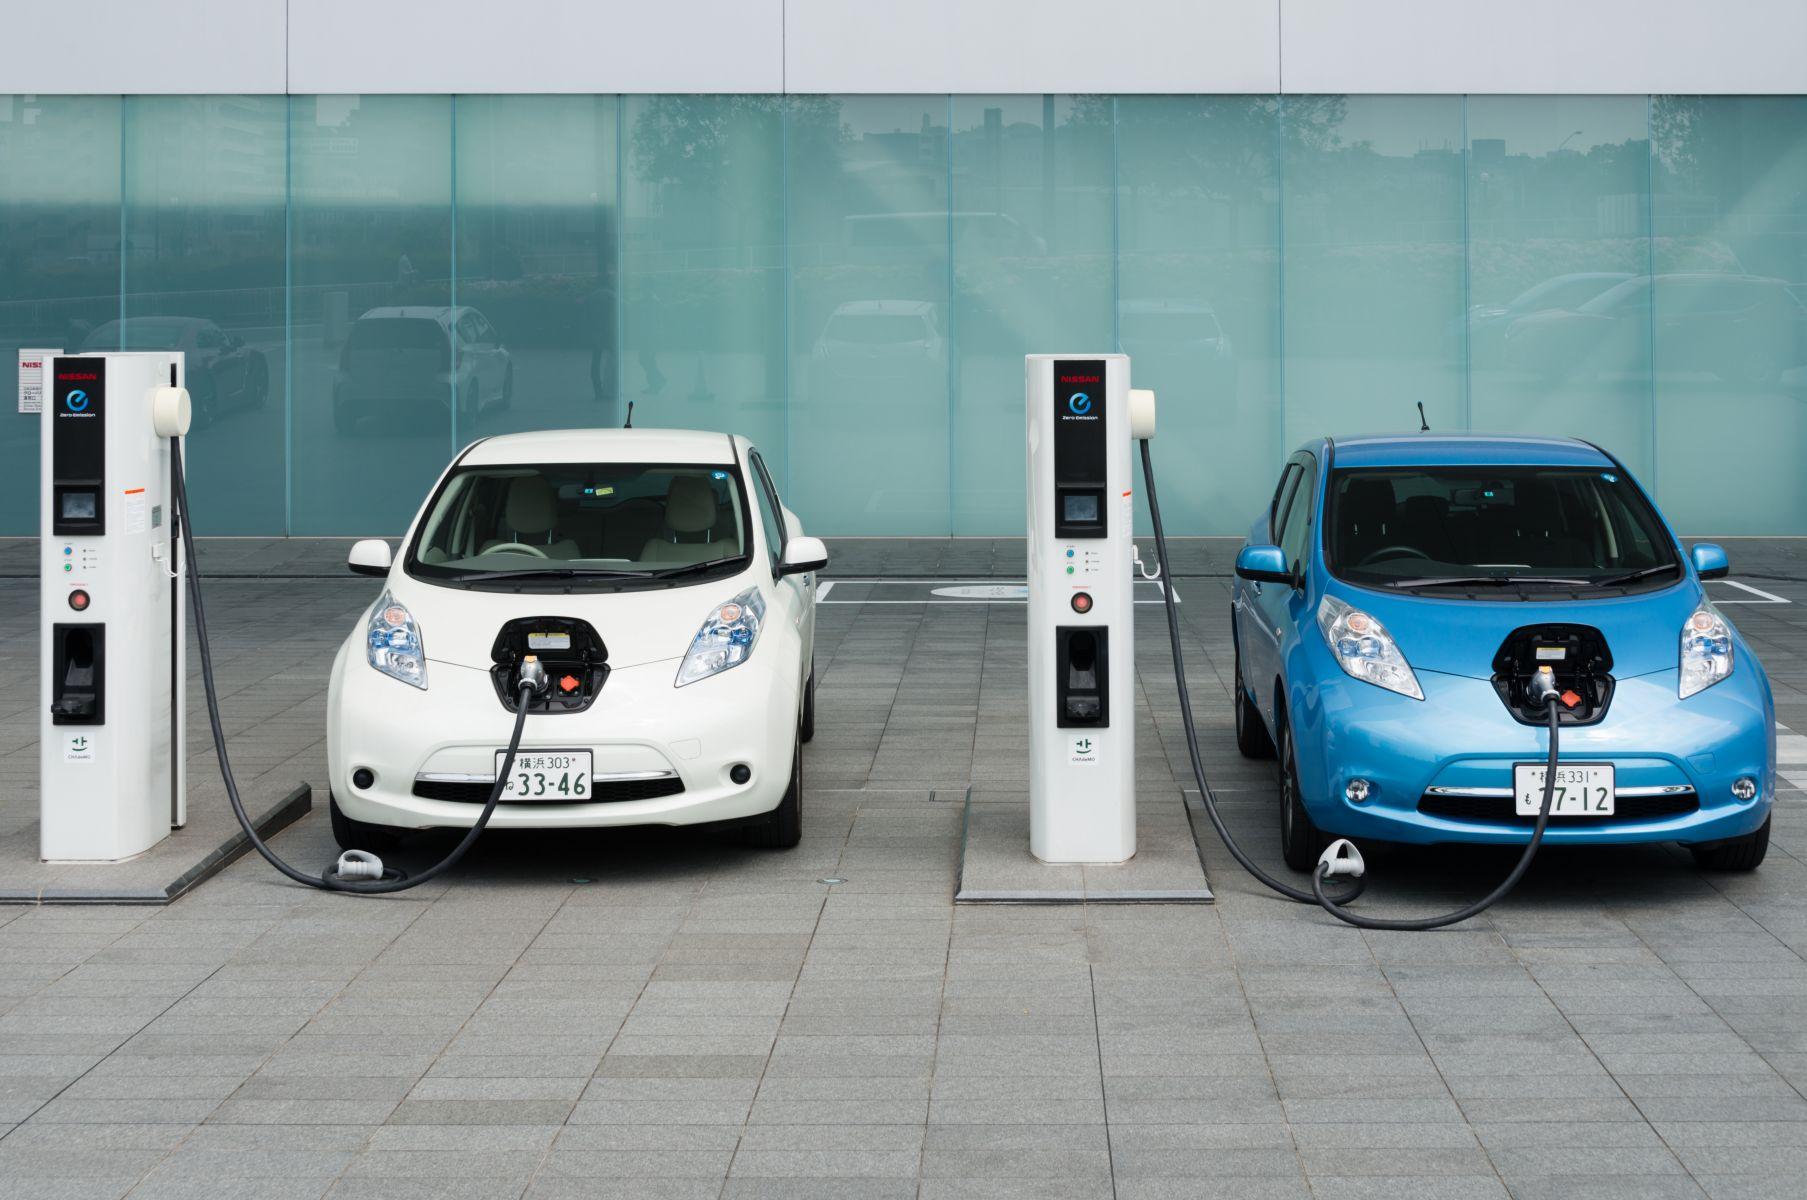 裕日車明年Q2開賣首款電動車 售價不排除150萬元起跳